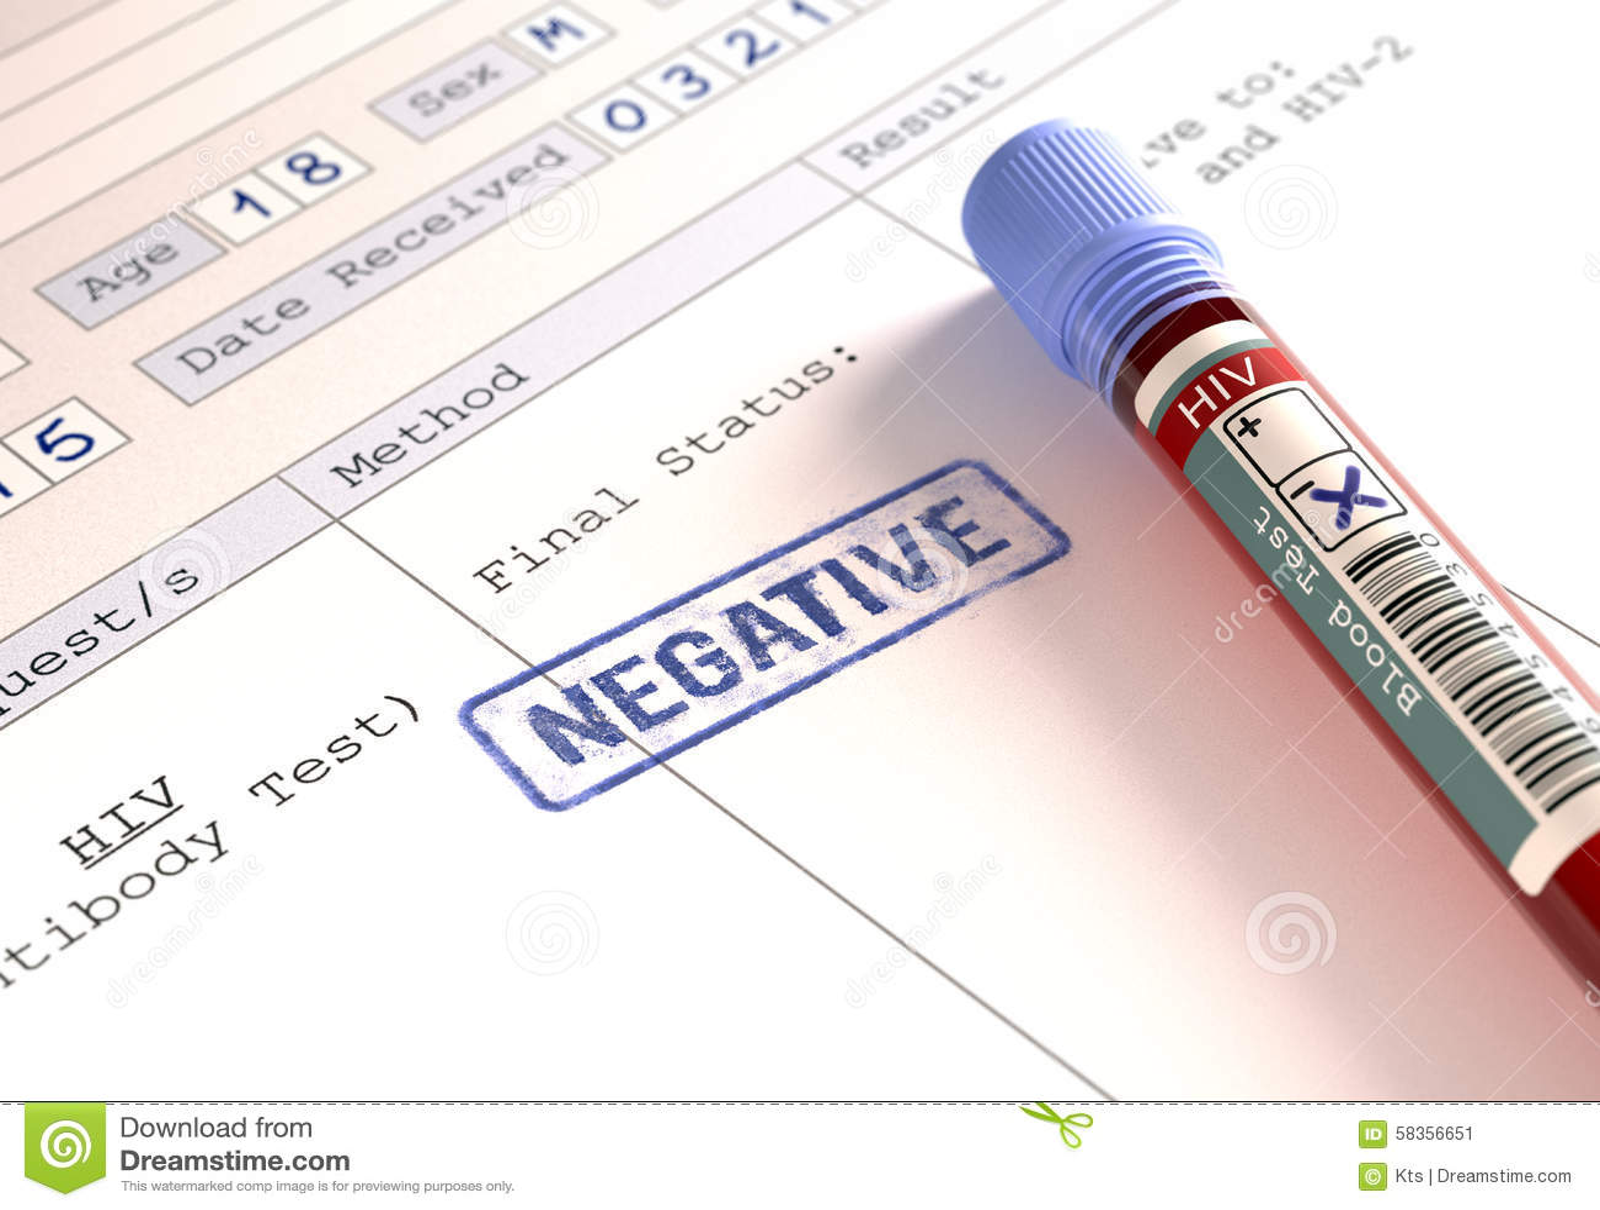 Hiv positive person dating hiv negative person